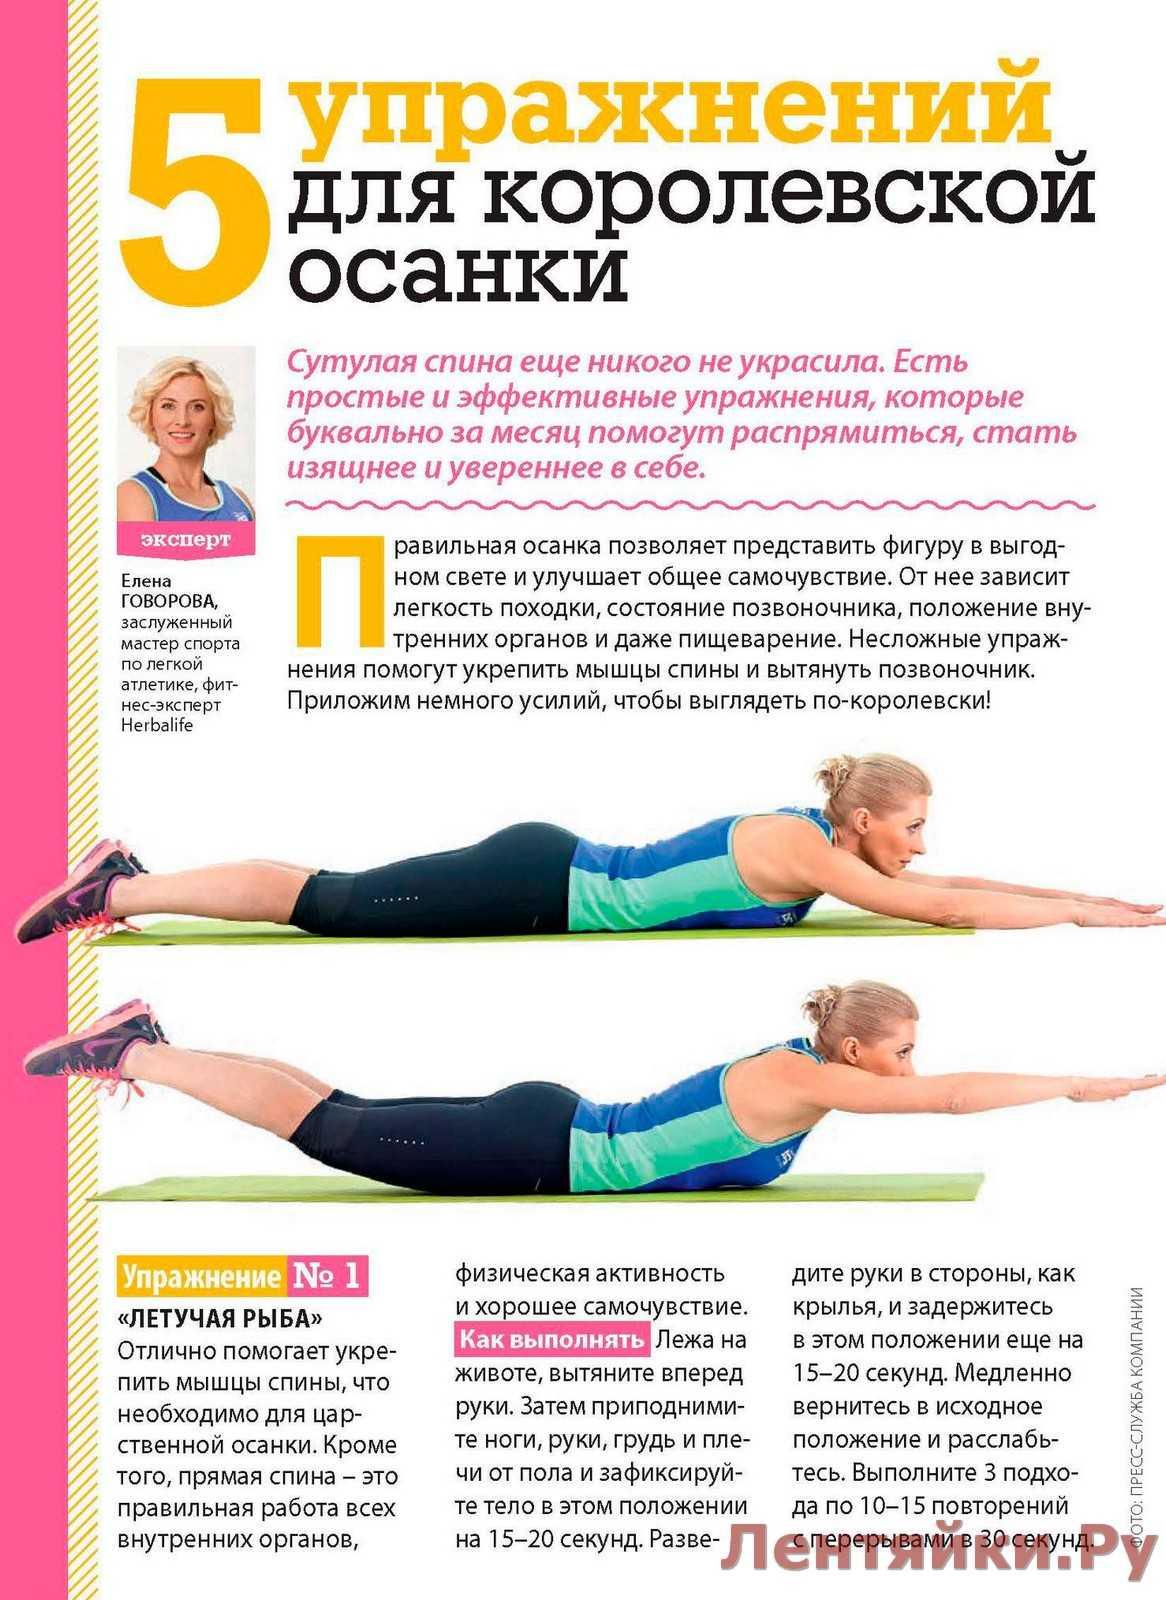 Эффективные упражнения на спину для улучшения осанки в домашних условиях